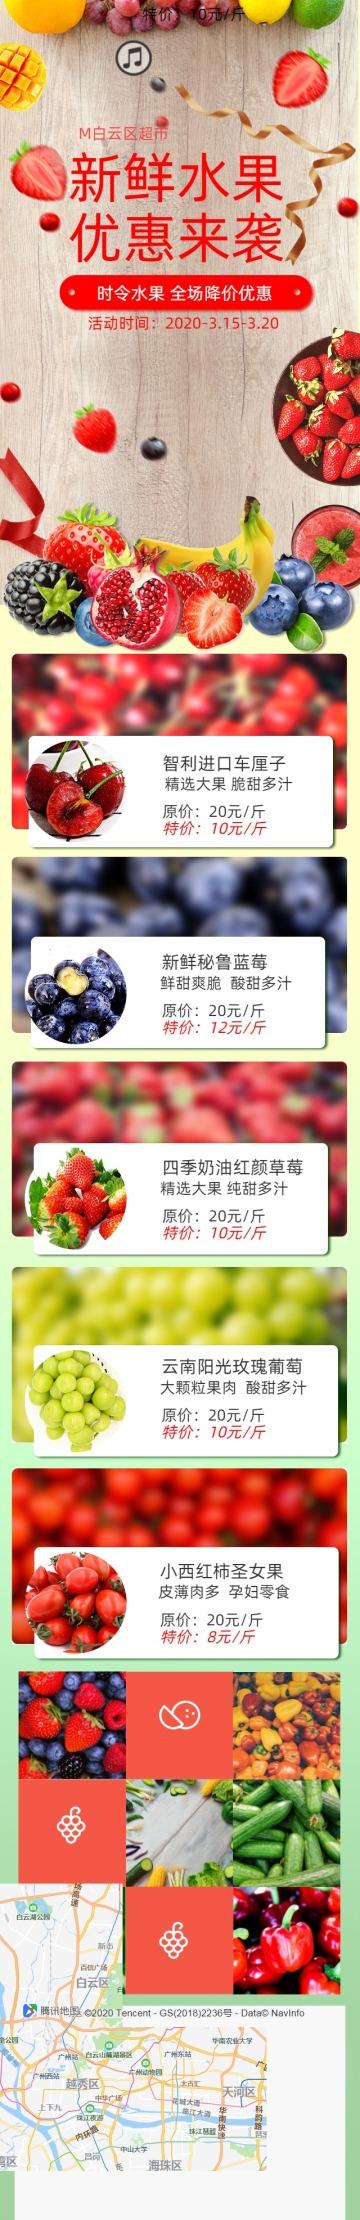 简约蔬菜瓜果促销宣传活动长页H5